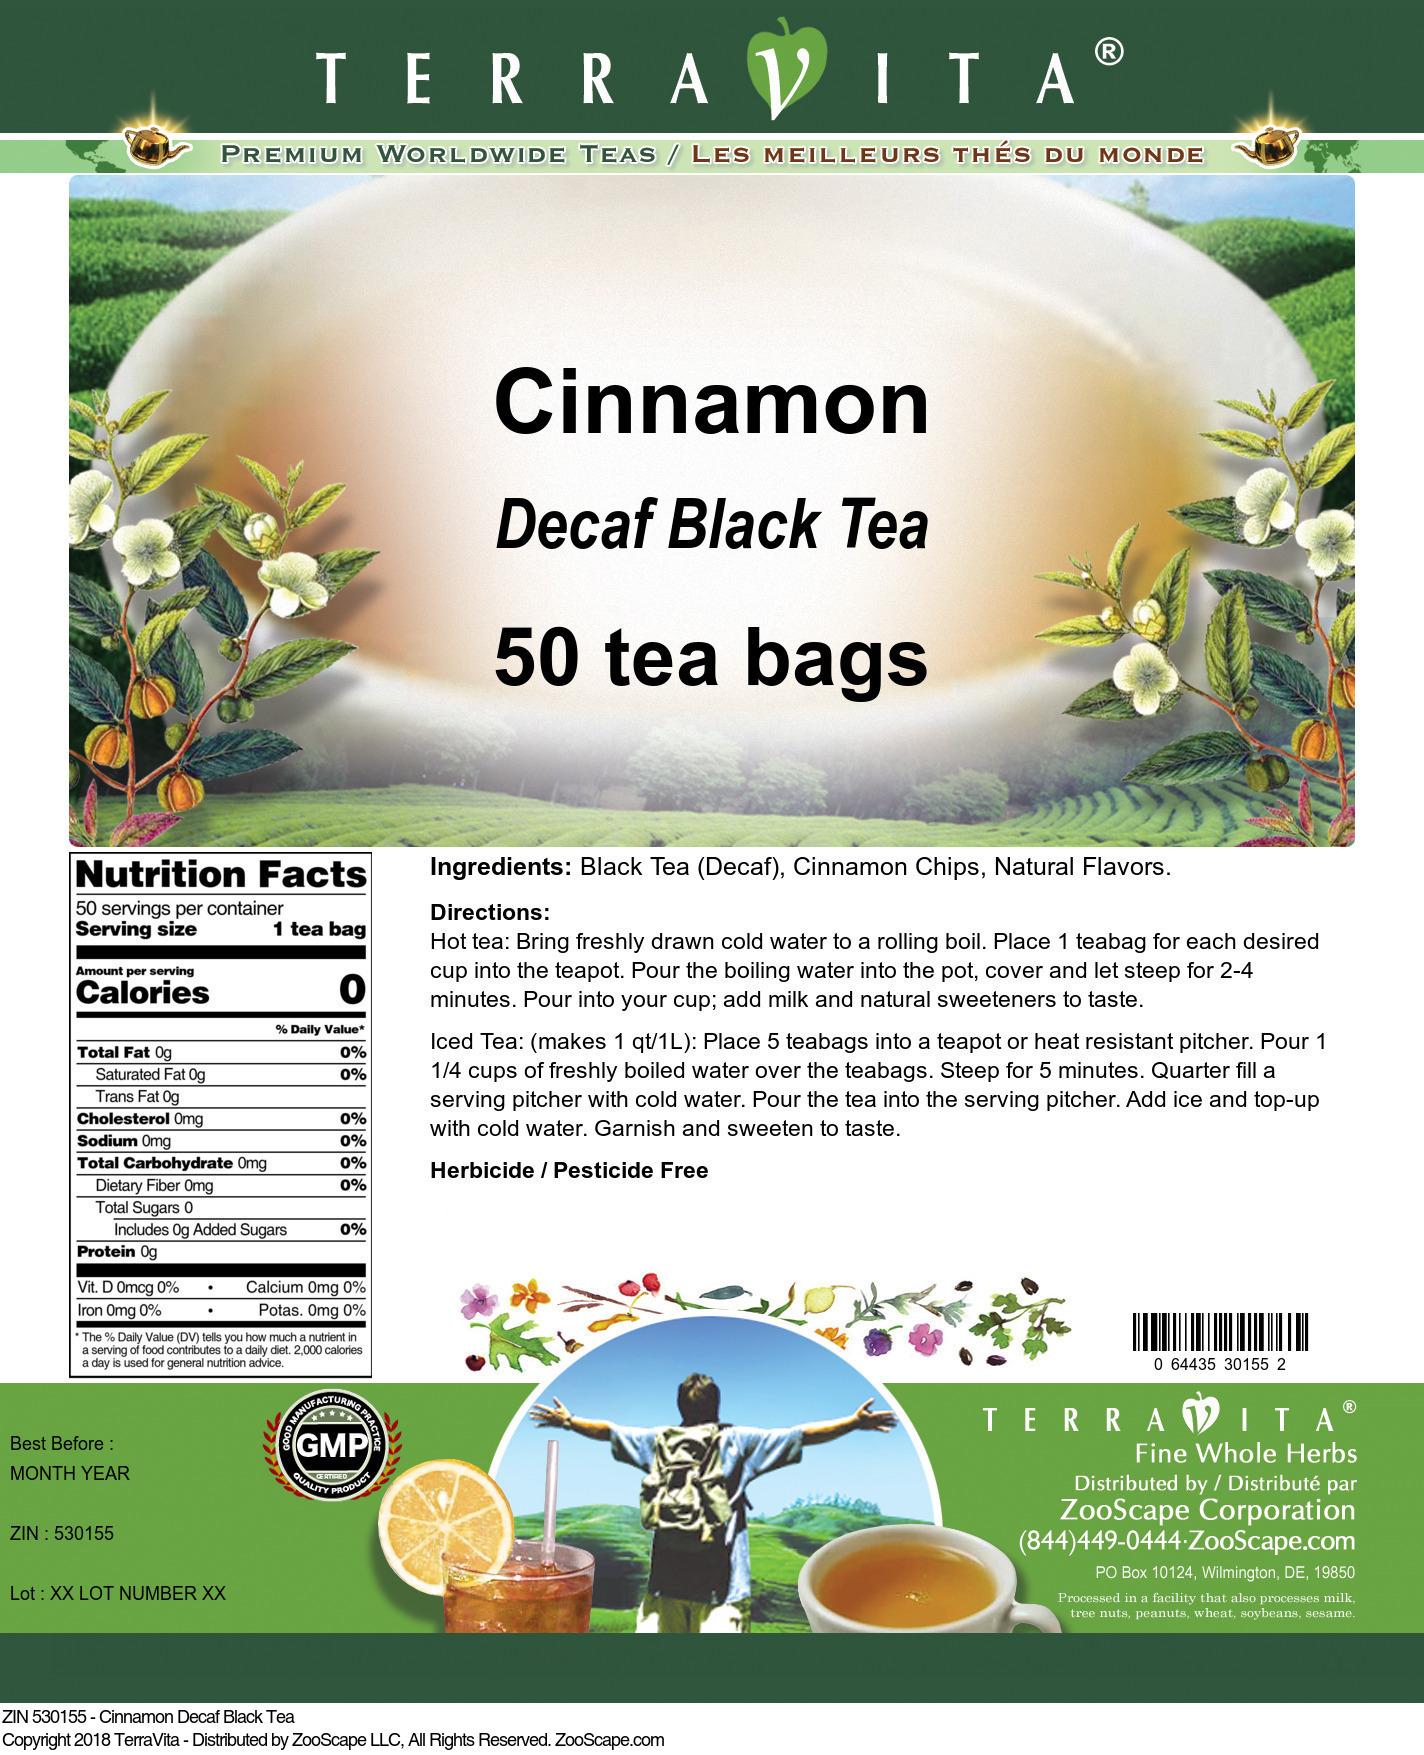 Cinnamon Decaf Black Tea